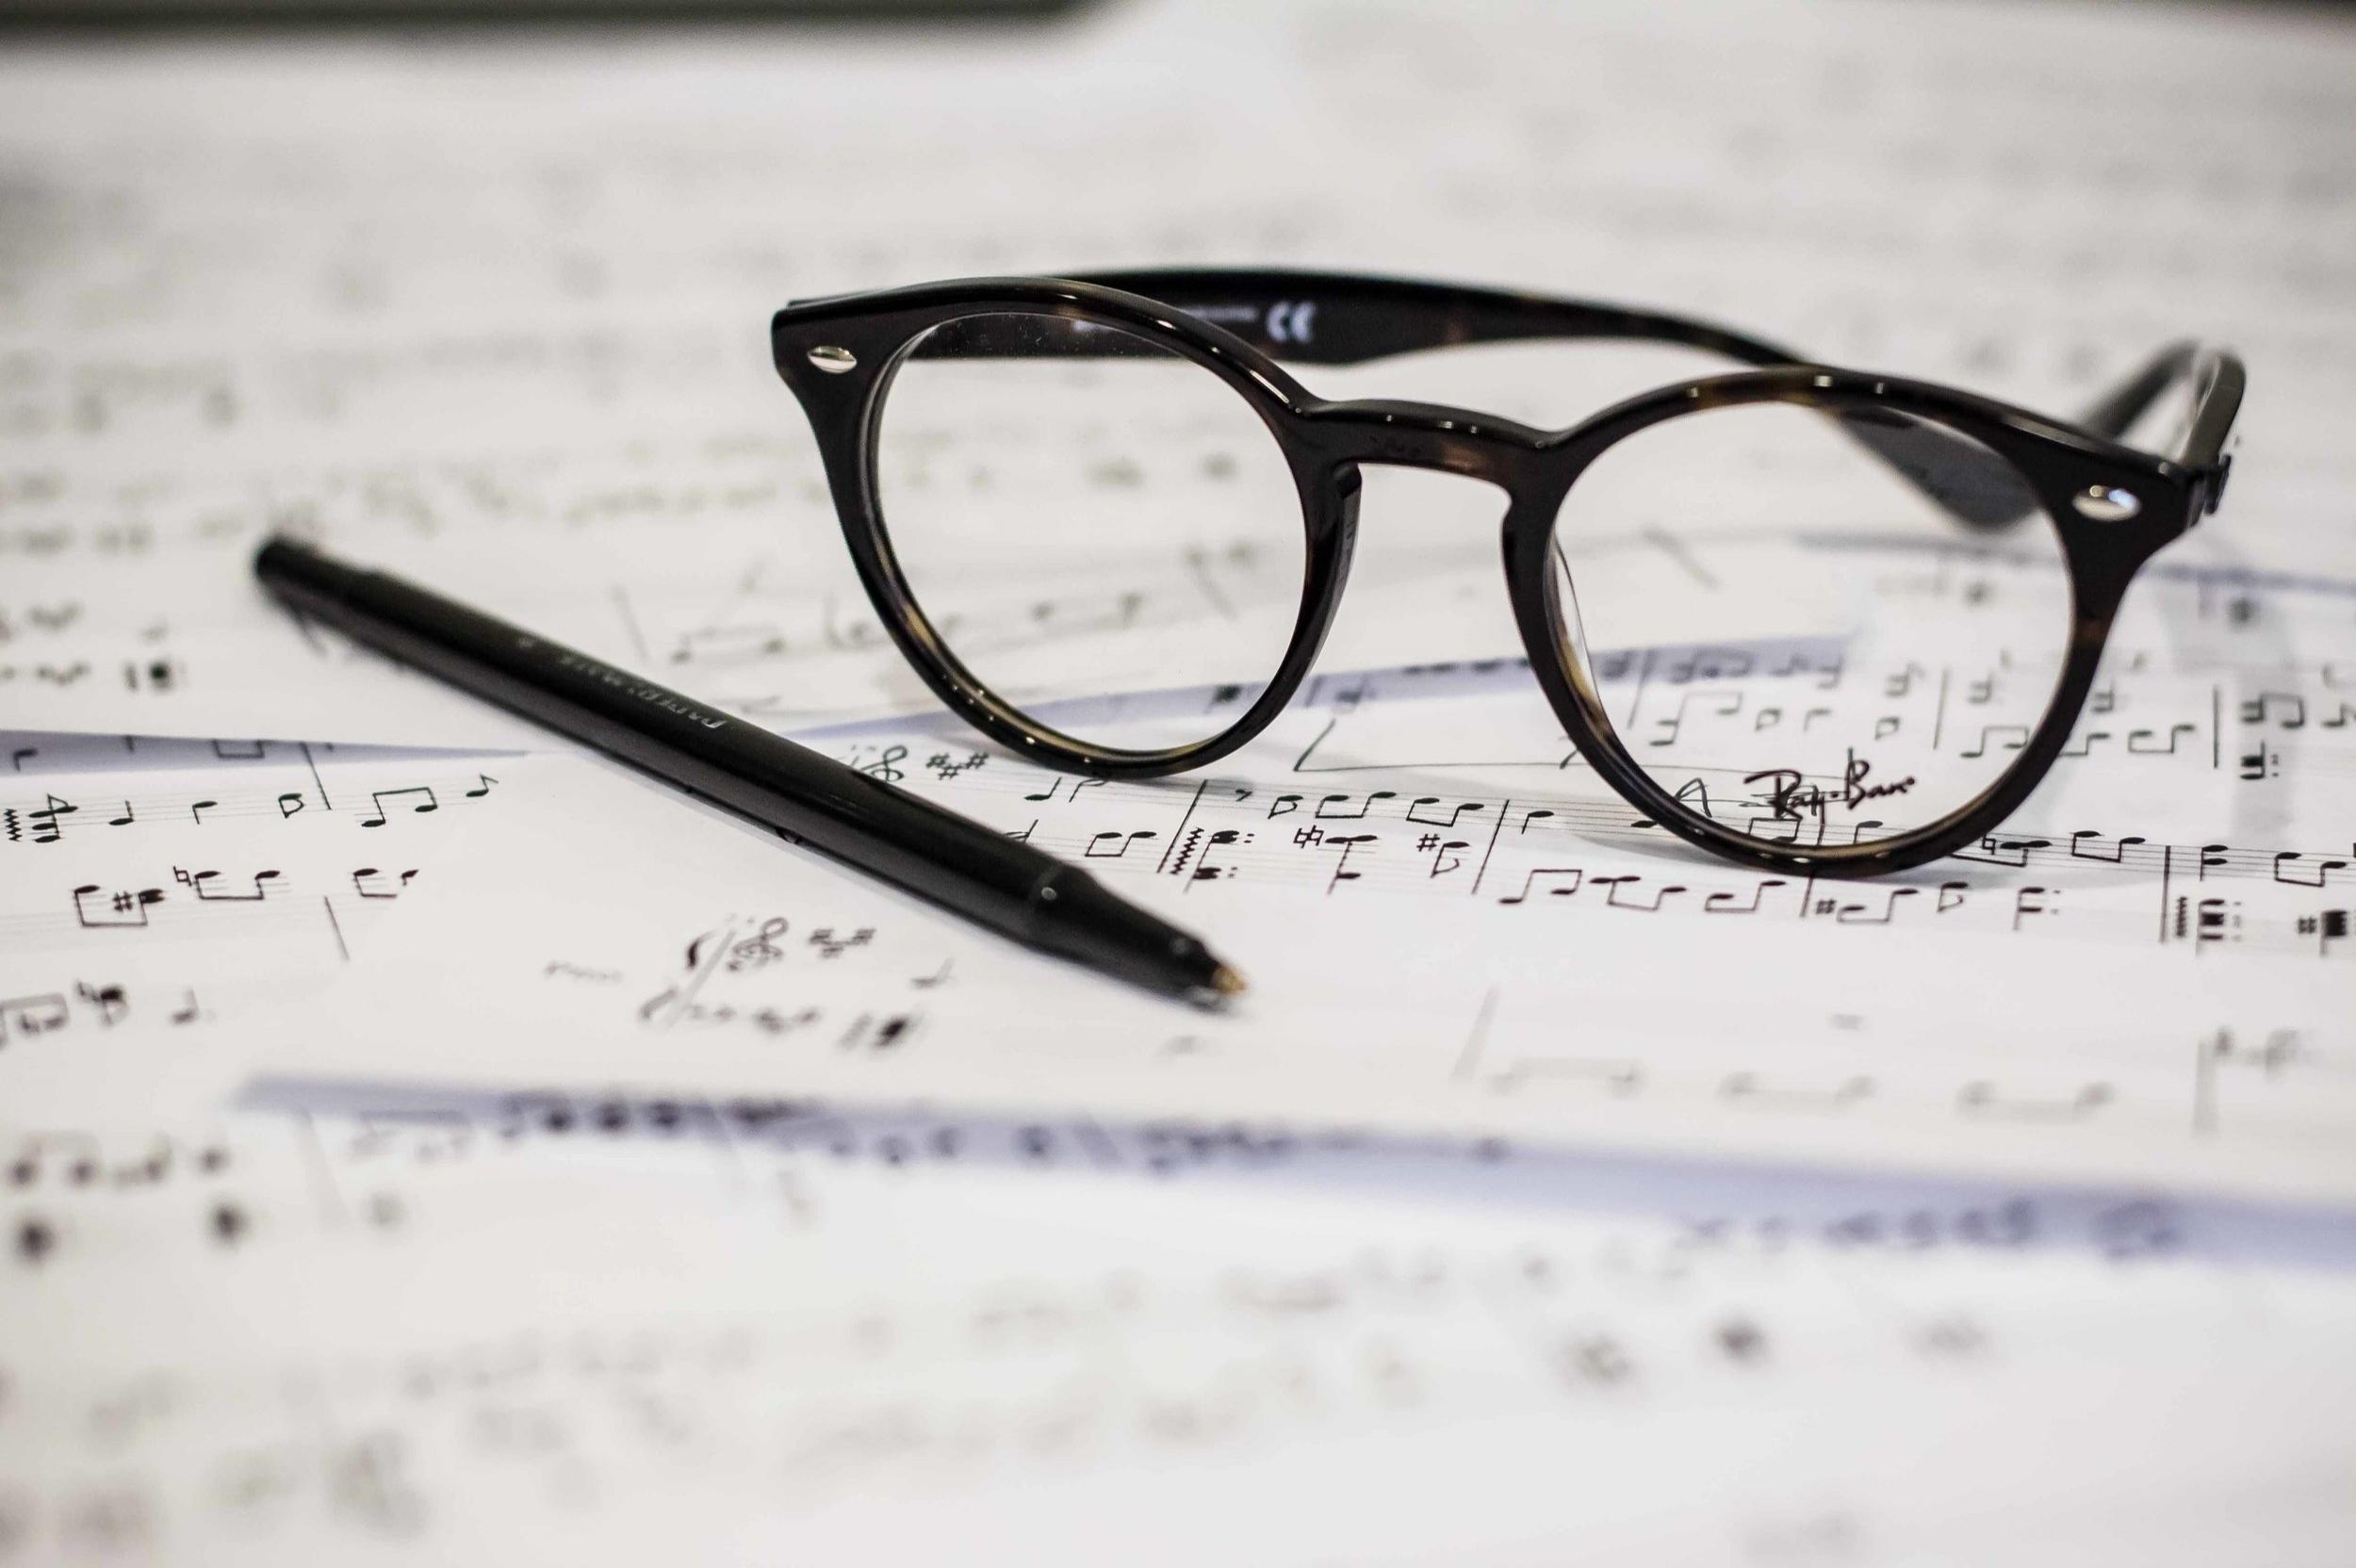 Klavierunterricht für zukünftige Musikstudenten und Wettbewerbs-Kandidaten - Sicherheit beim AuswendigspielenKünstlerische Spieltechnik und Interpretation